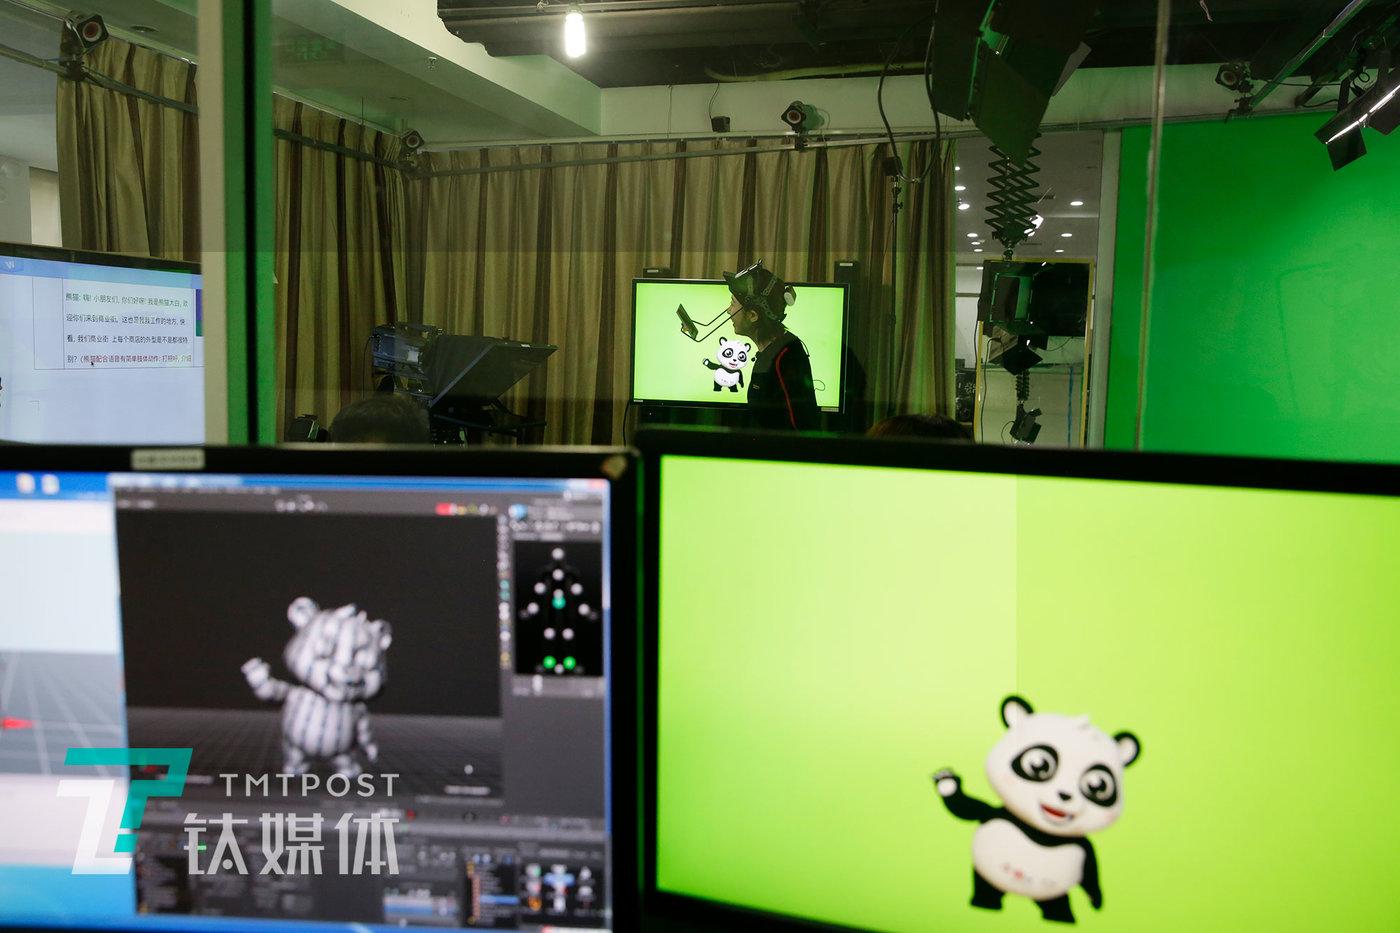 后台系统里,莫妮卡扮演的卡通形象。